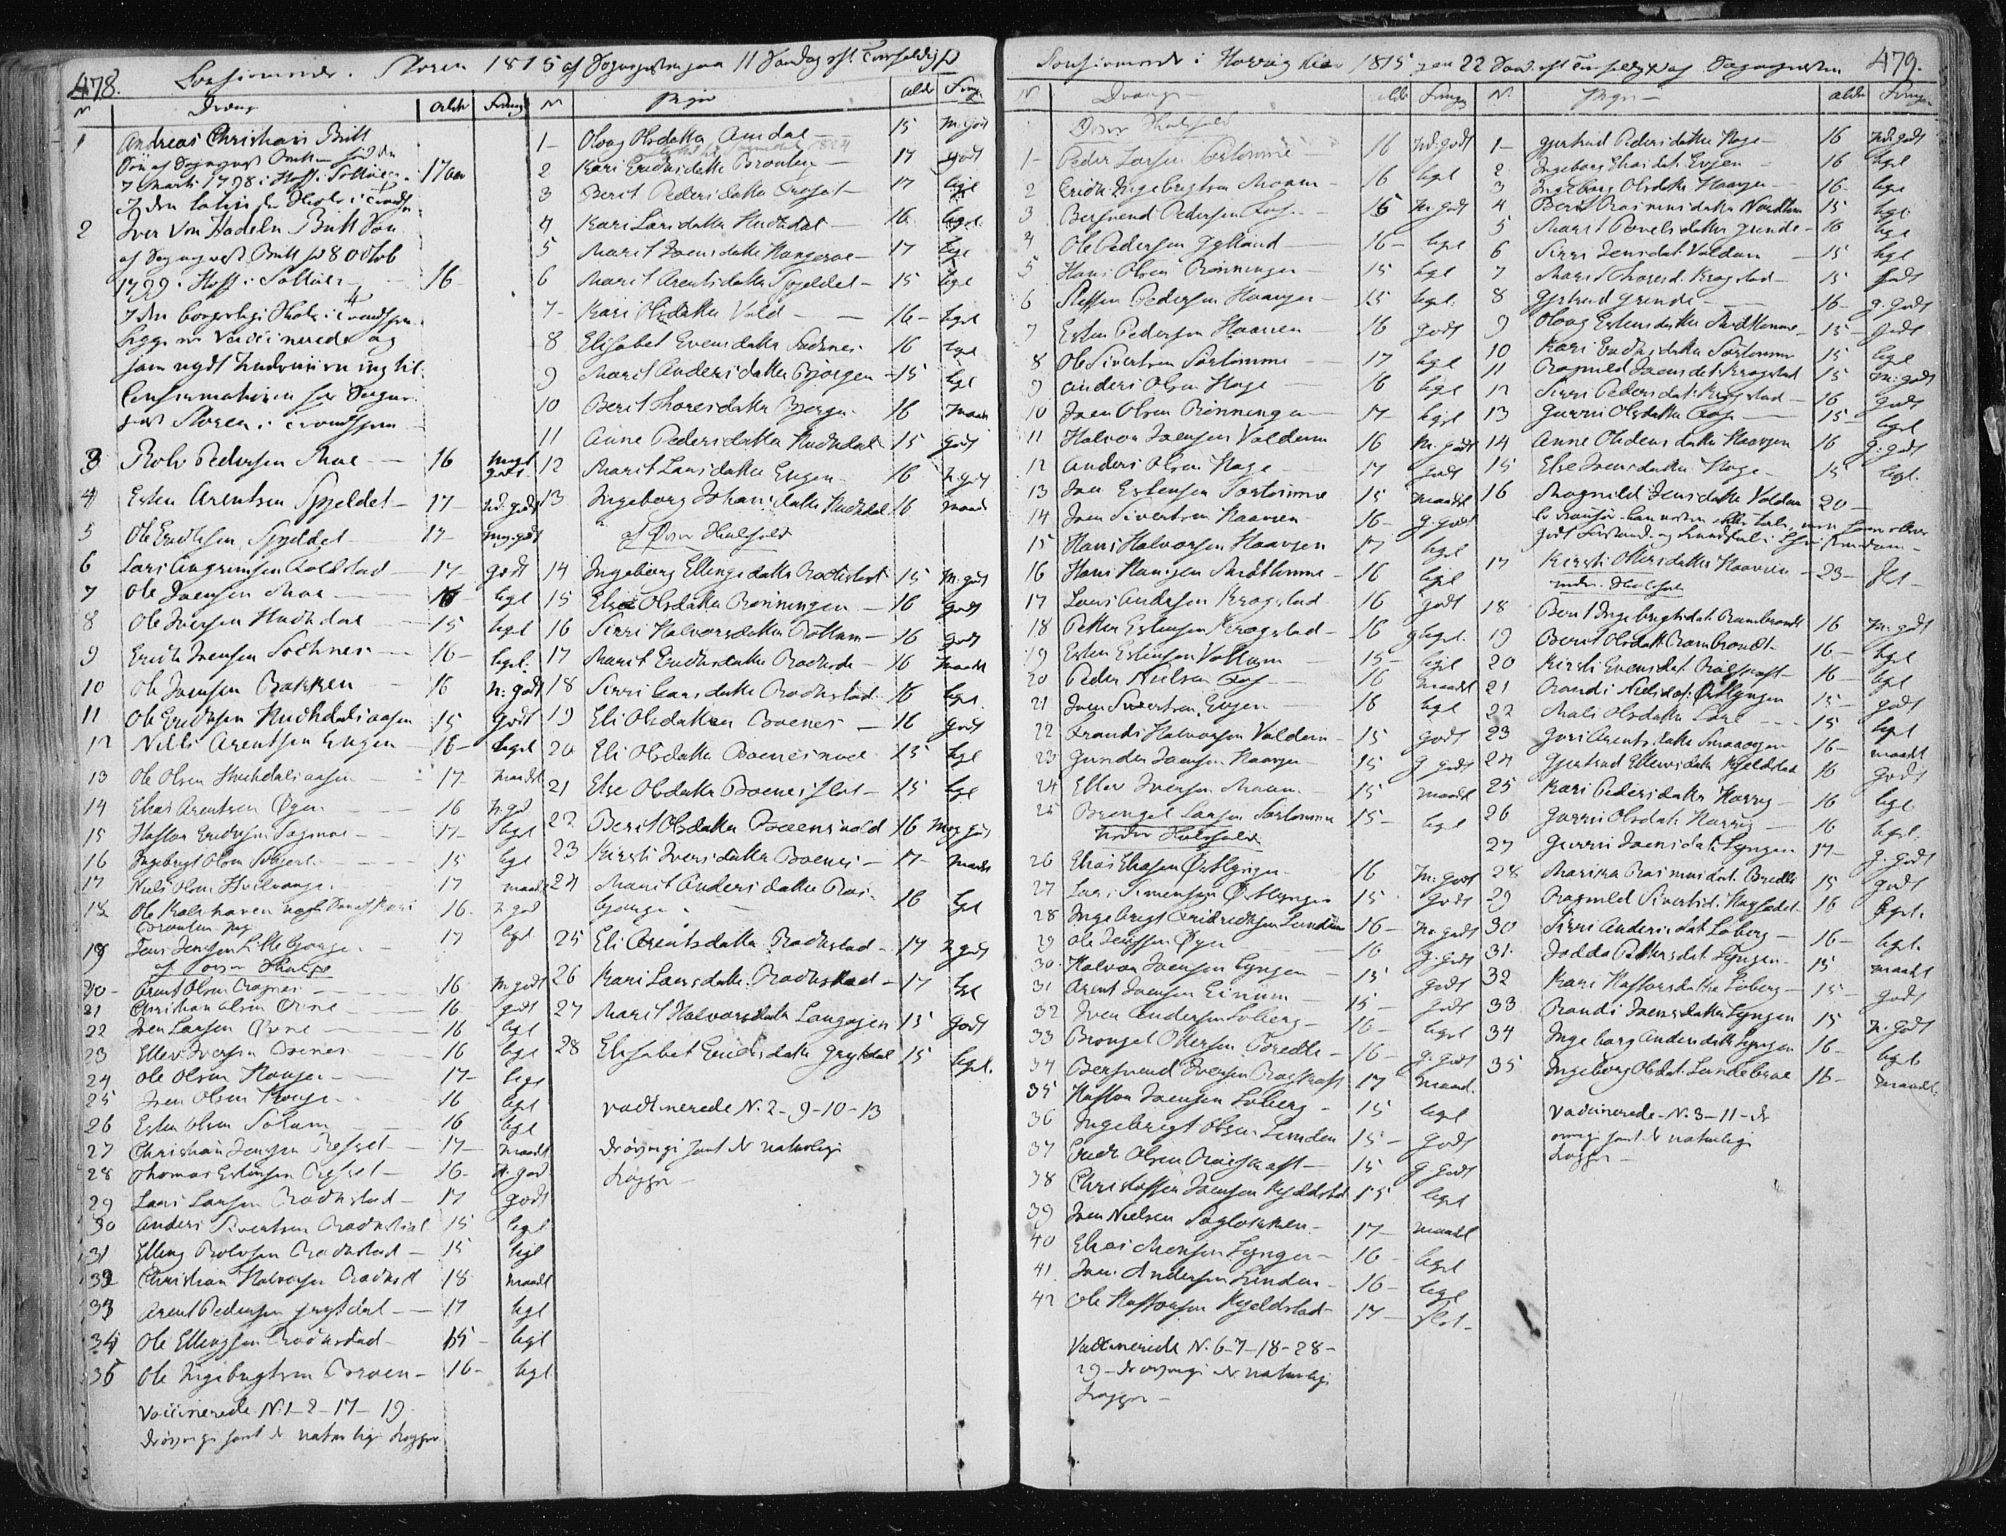 SAT, Ministerialprotokoller, klokkerbøker og fødselsregistre - Sør-Trøndelag, 687/L0992: Ministerialbok nr. 687A03 /1, 1788-1815, s. 478-479